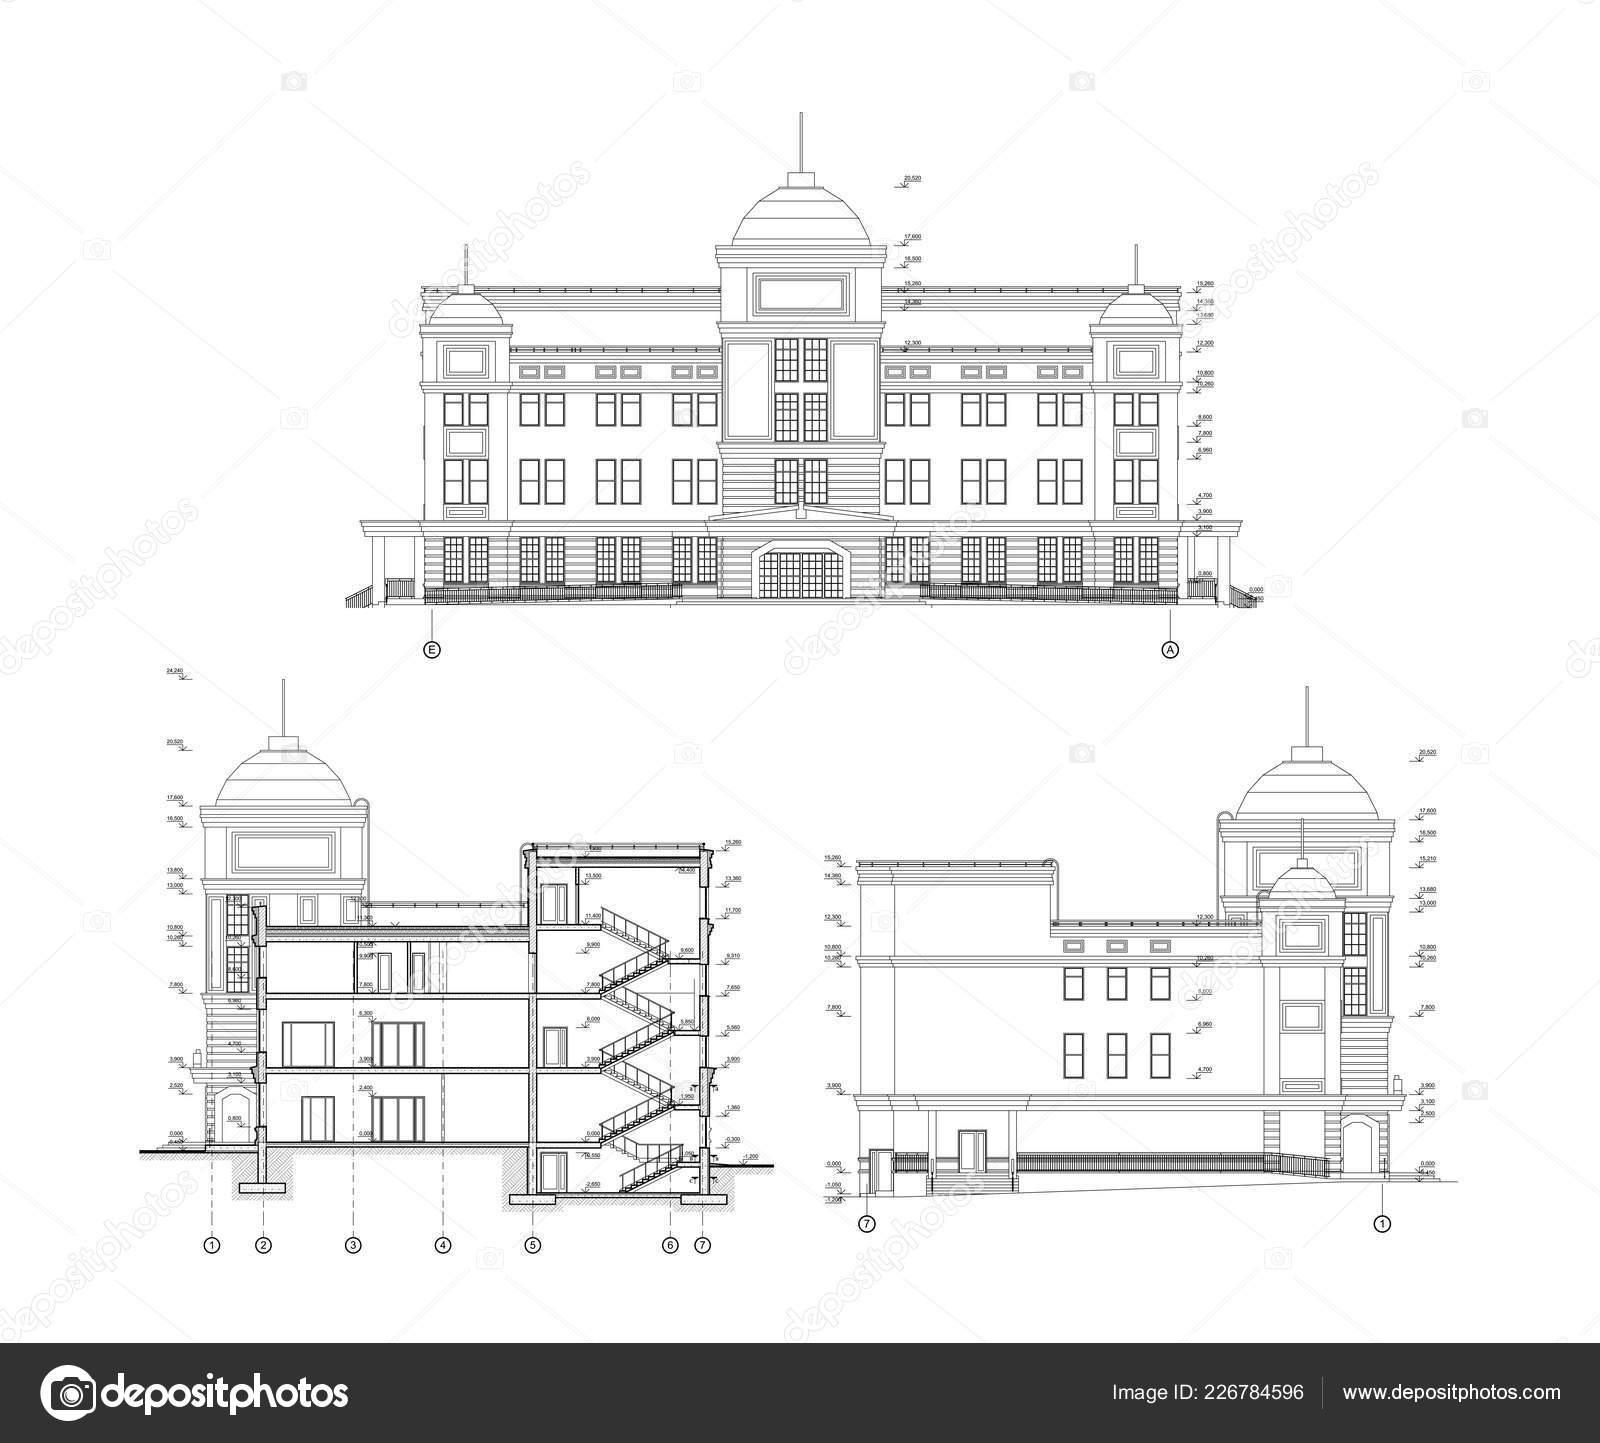 Vicepodlazni Budova Fasadou Sekce Detailnich Architektury Technicke